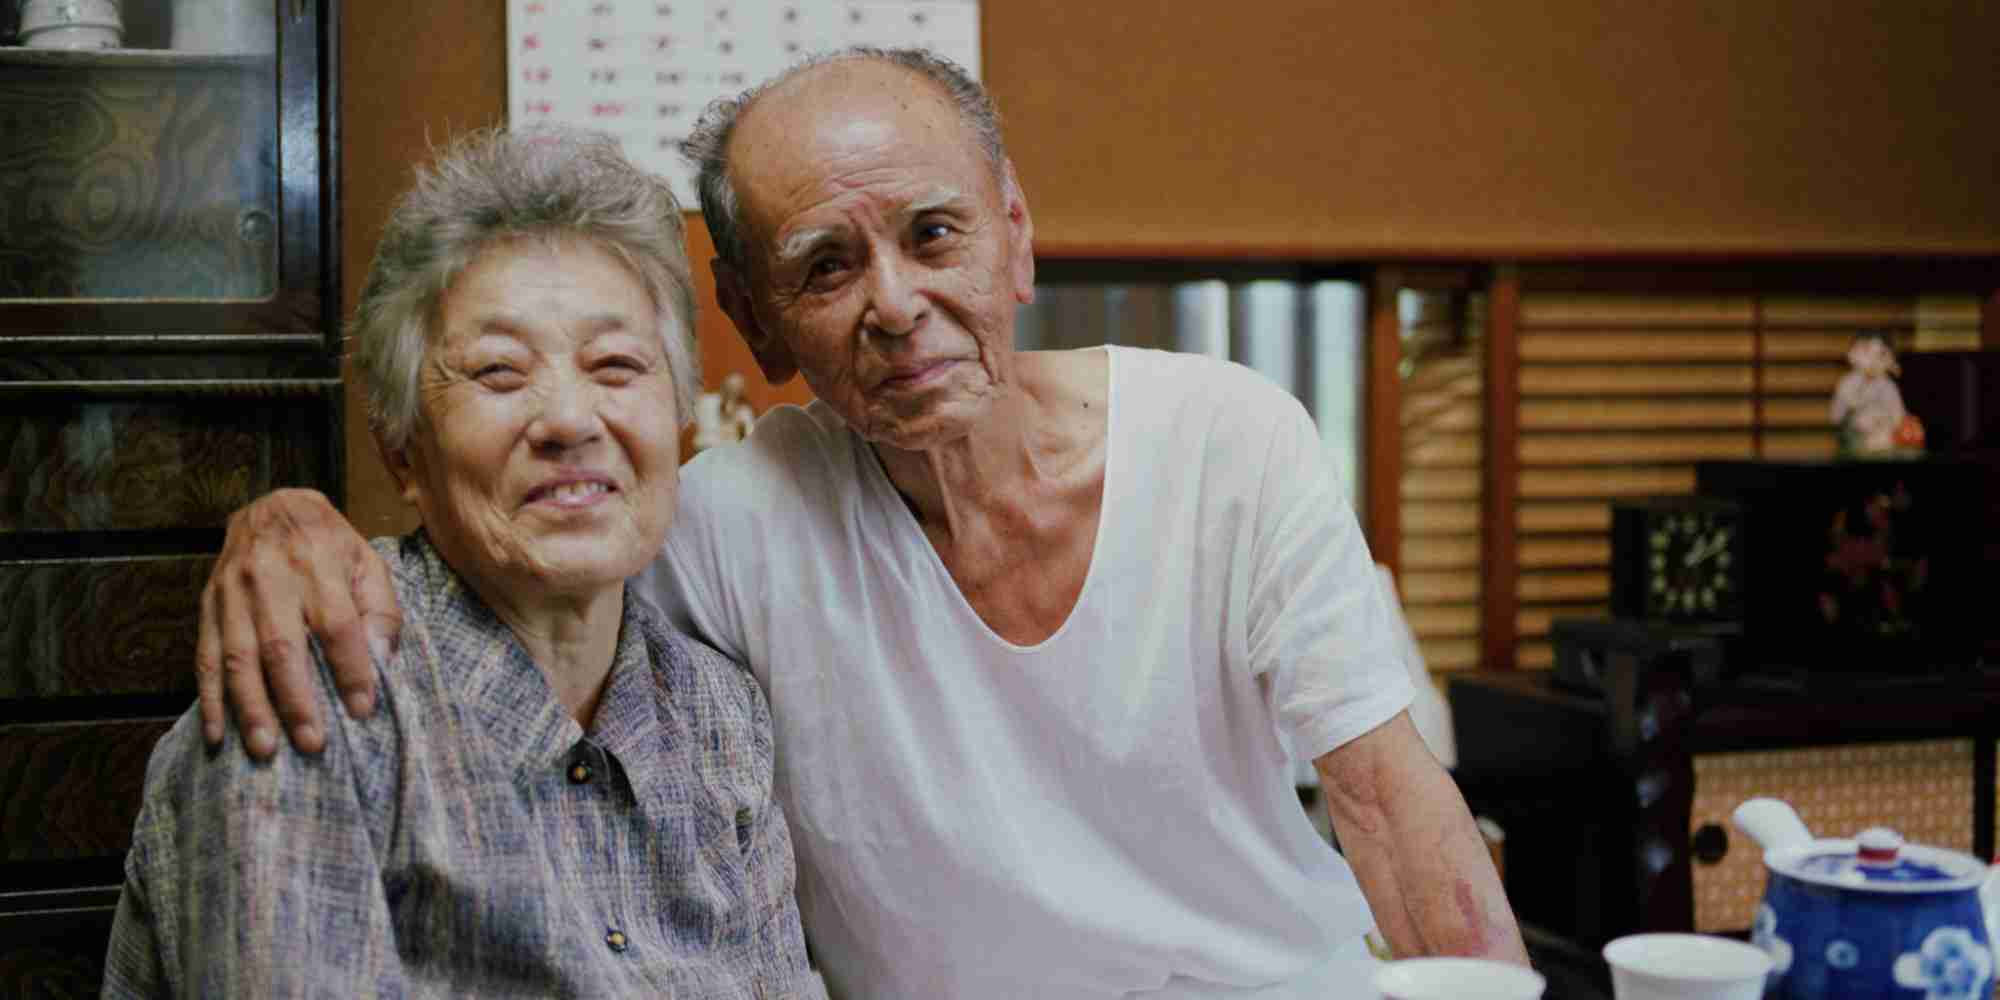 高齢者の「貧困」と「犯罪」-福祉施設化する刑務所 ニッセイ基礎研究所